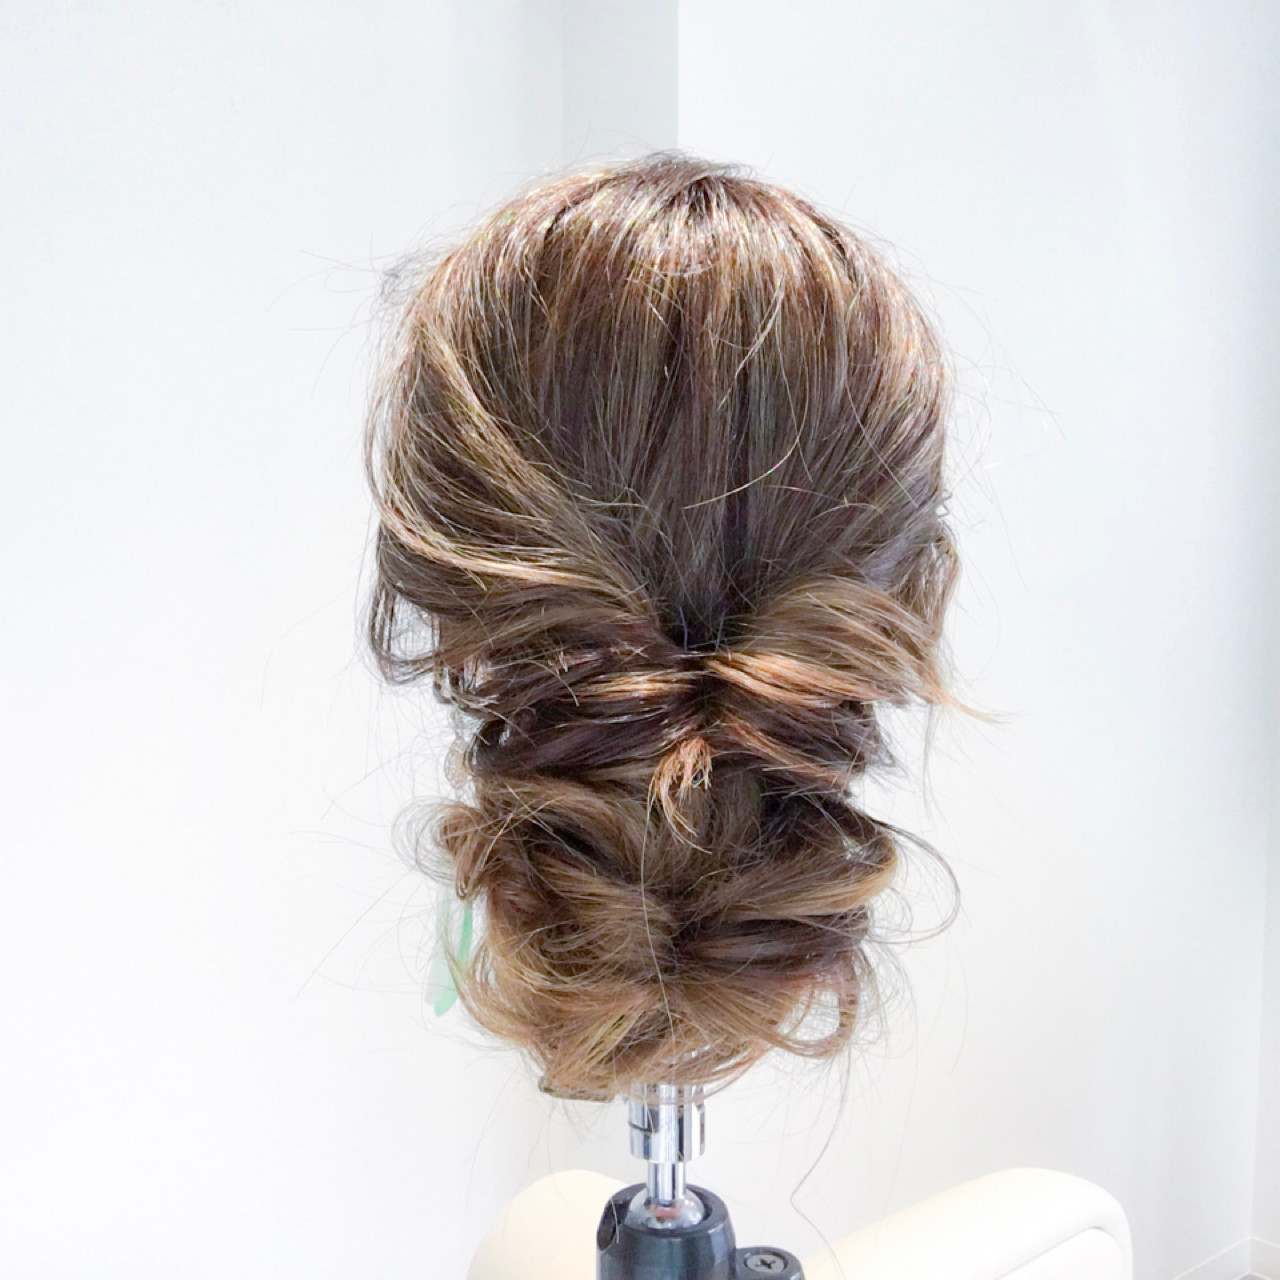 ルーズ 女子会 結婚式 ヘアアレンジ ヘアスタイルや髪型の写真・画像 | 美容師HIRO/Amoute代表 / Amoute/アムティ